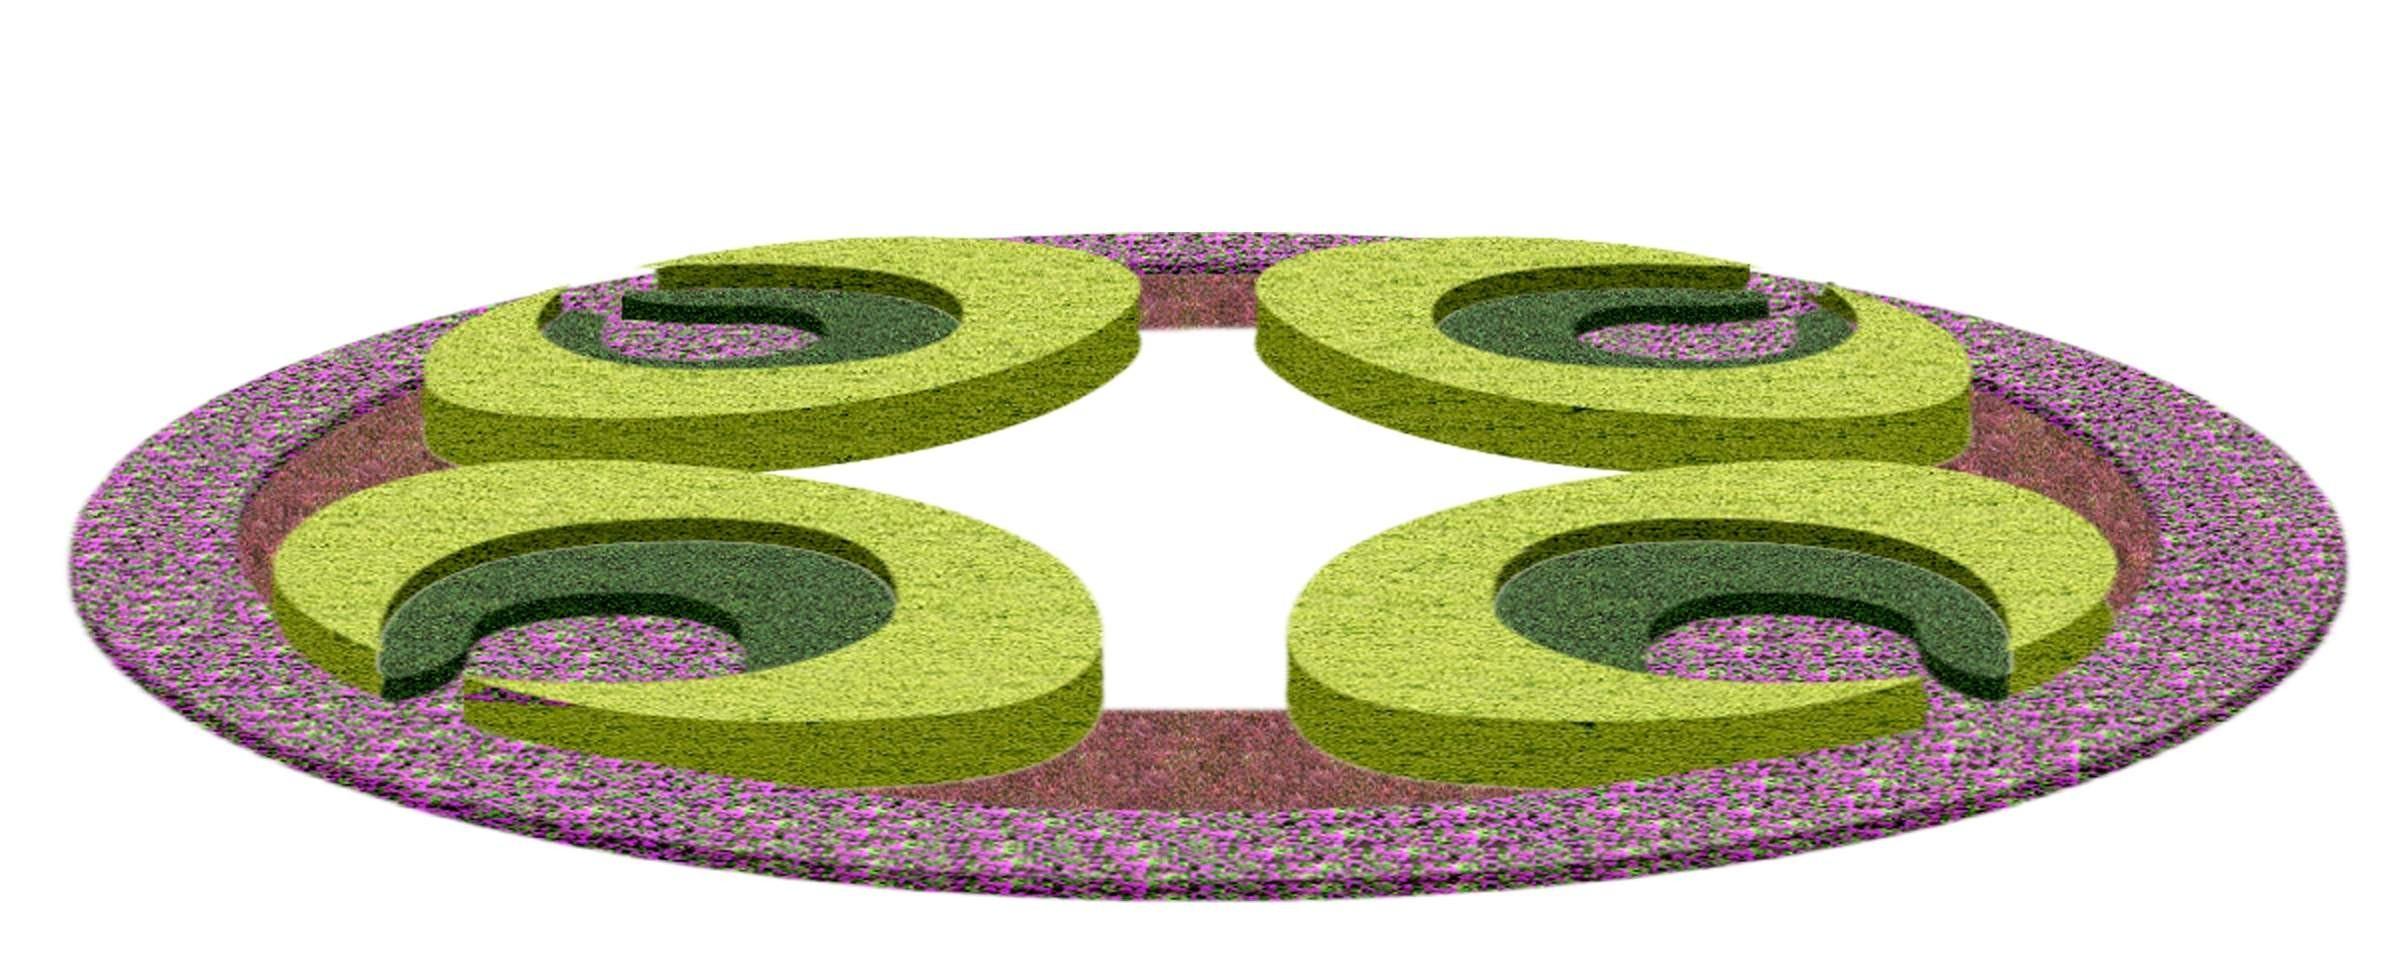 花坛素材材质图片零捌零